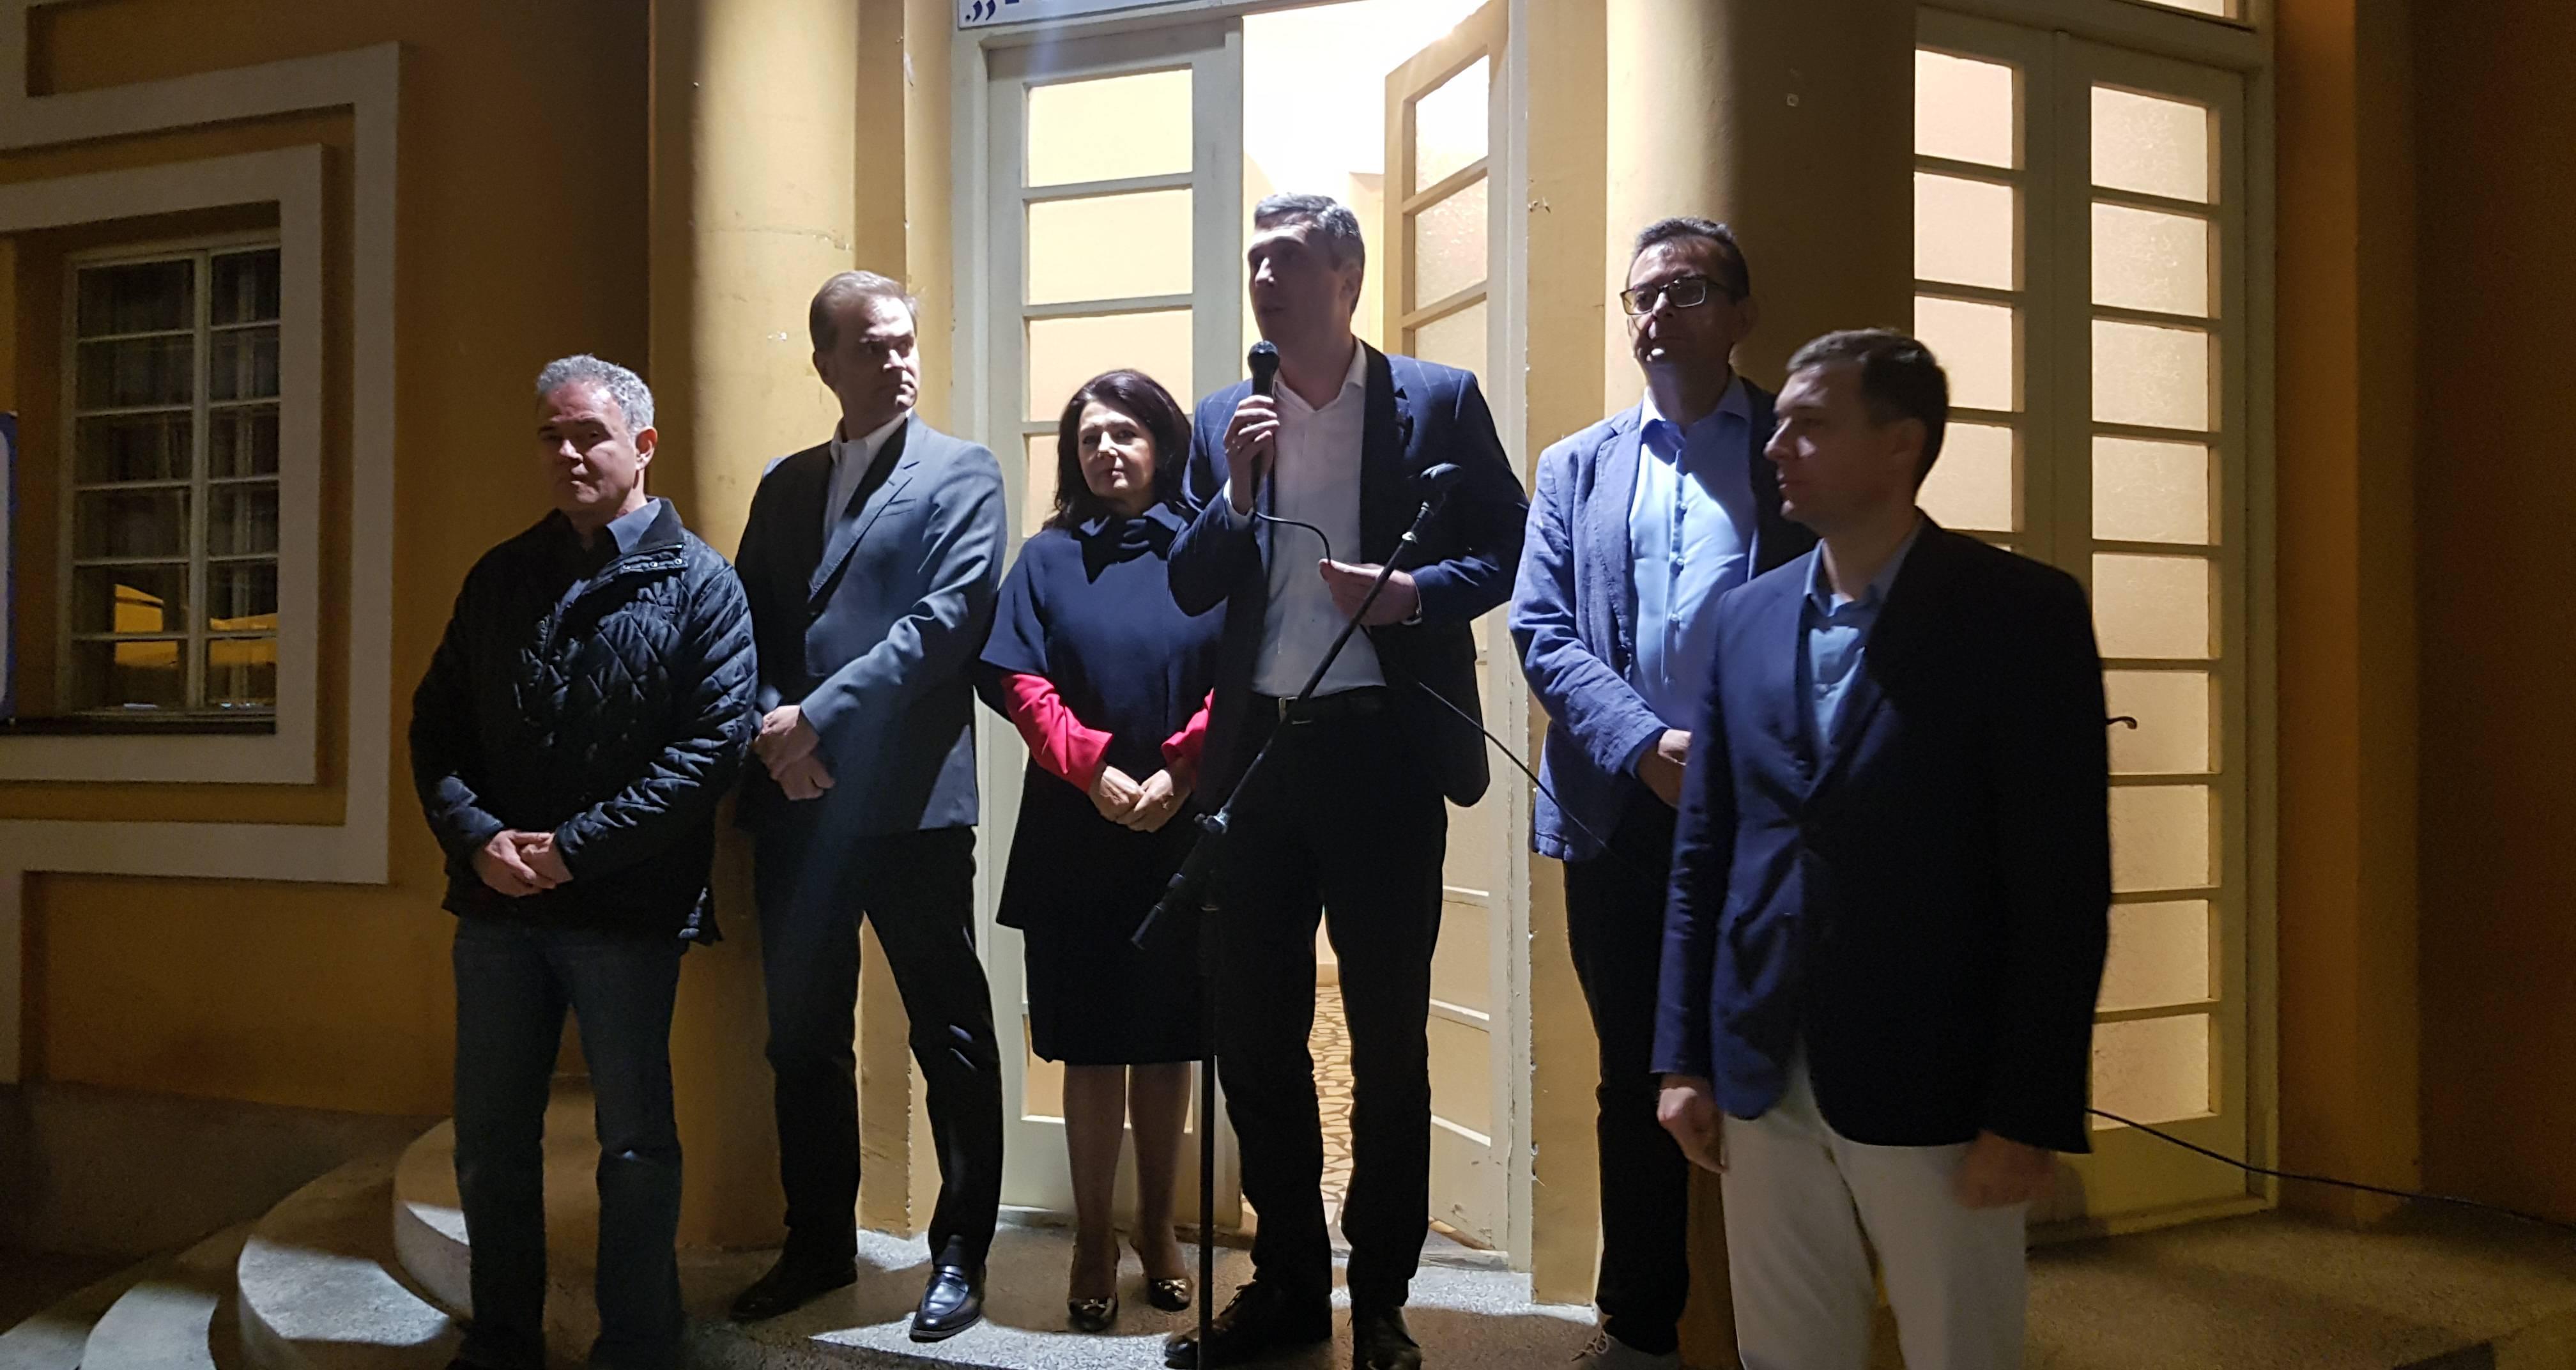 Савез за Србију у Лозници: Скуп успео и поред забране сала и лажи режимских медија